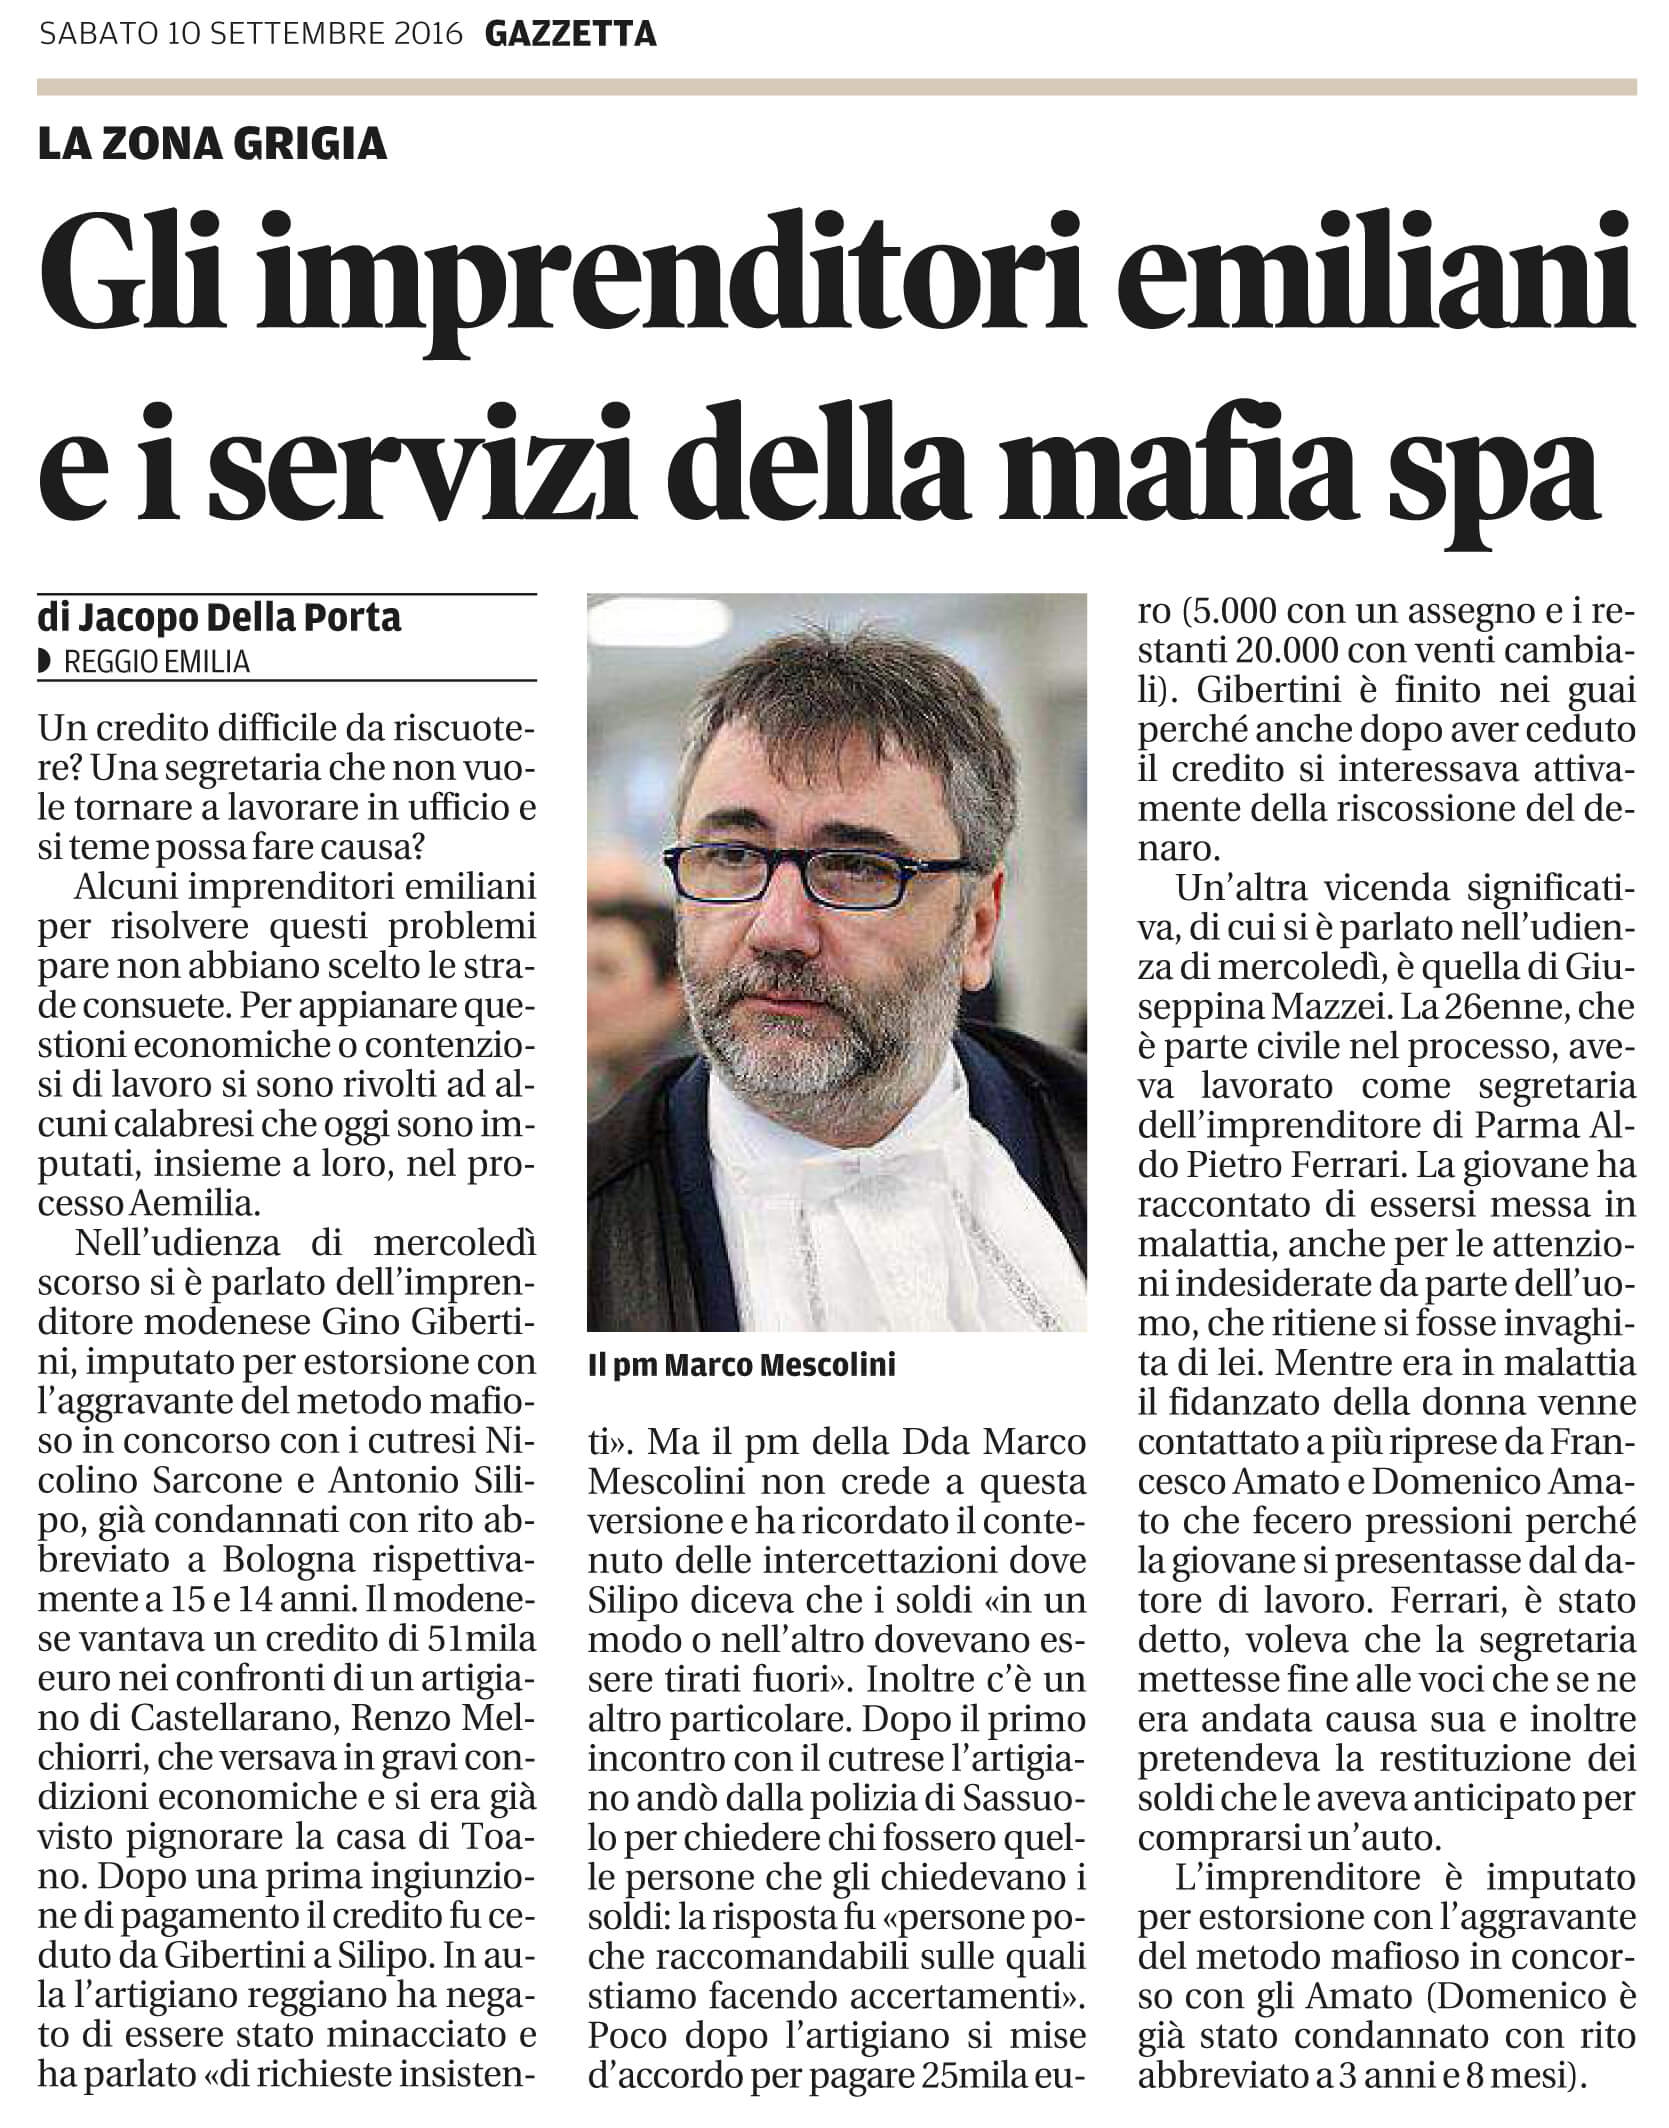 Gli imprenditori e la mafia spa